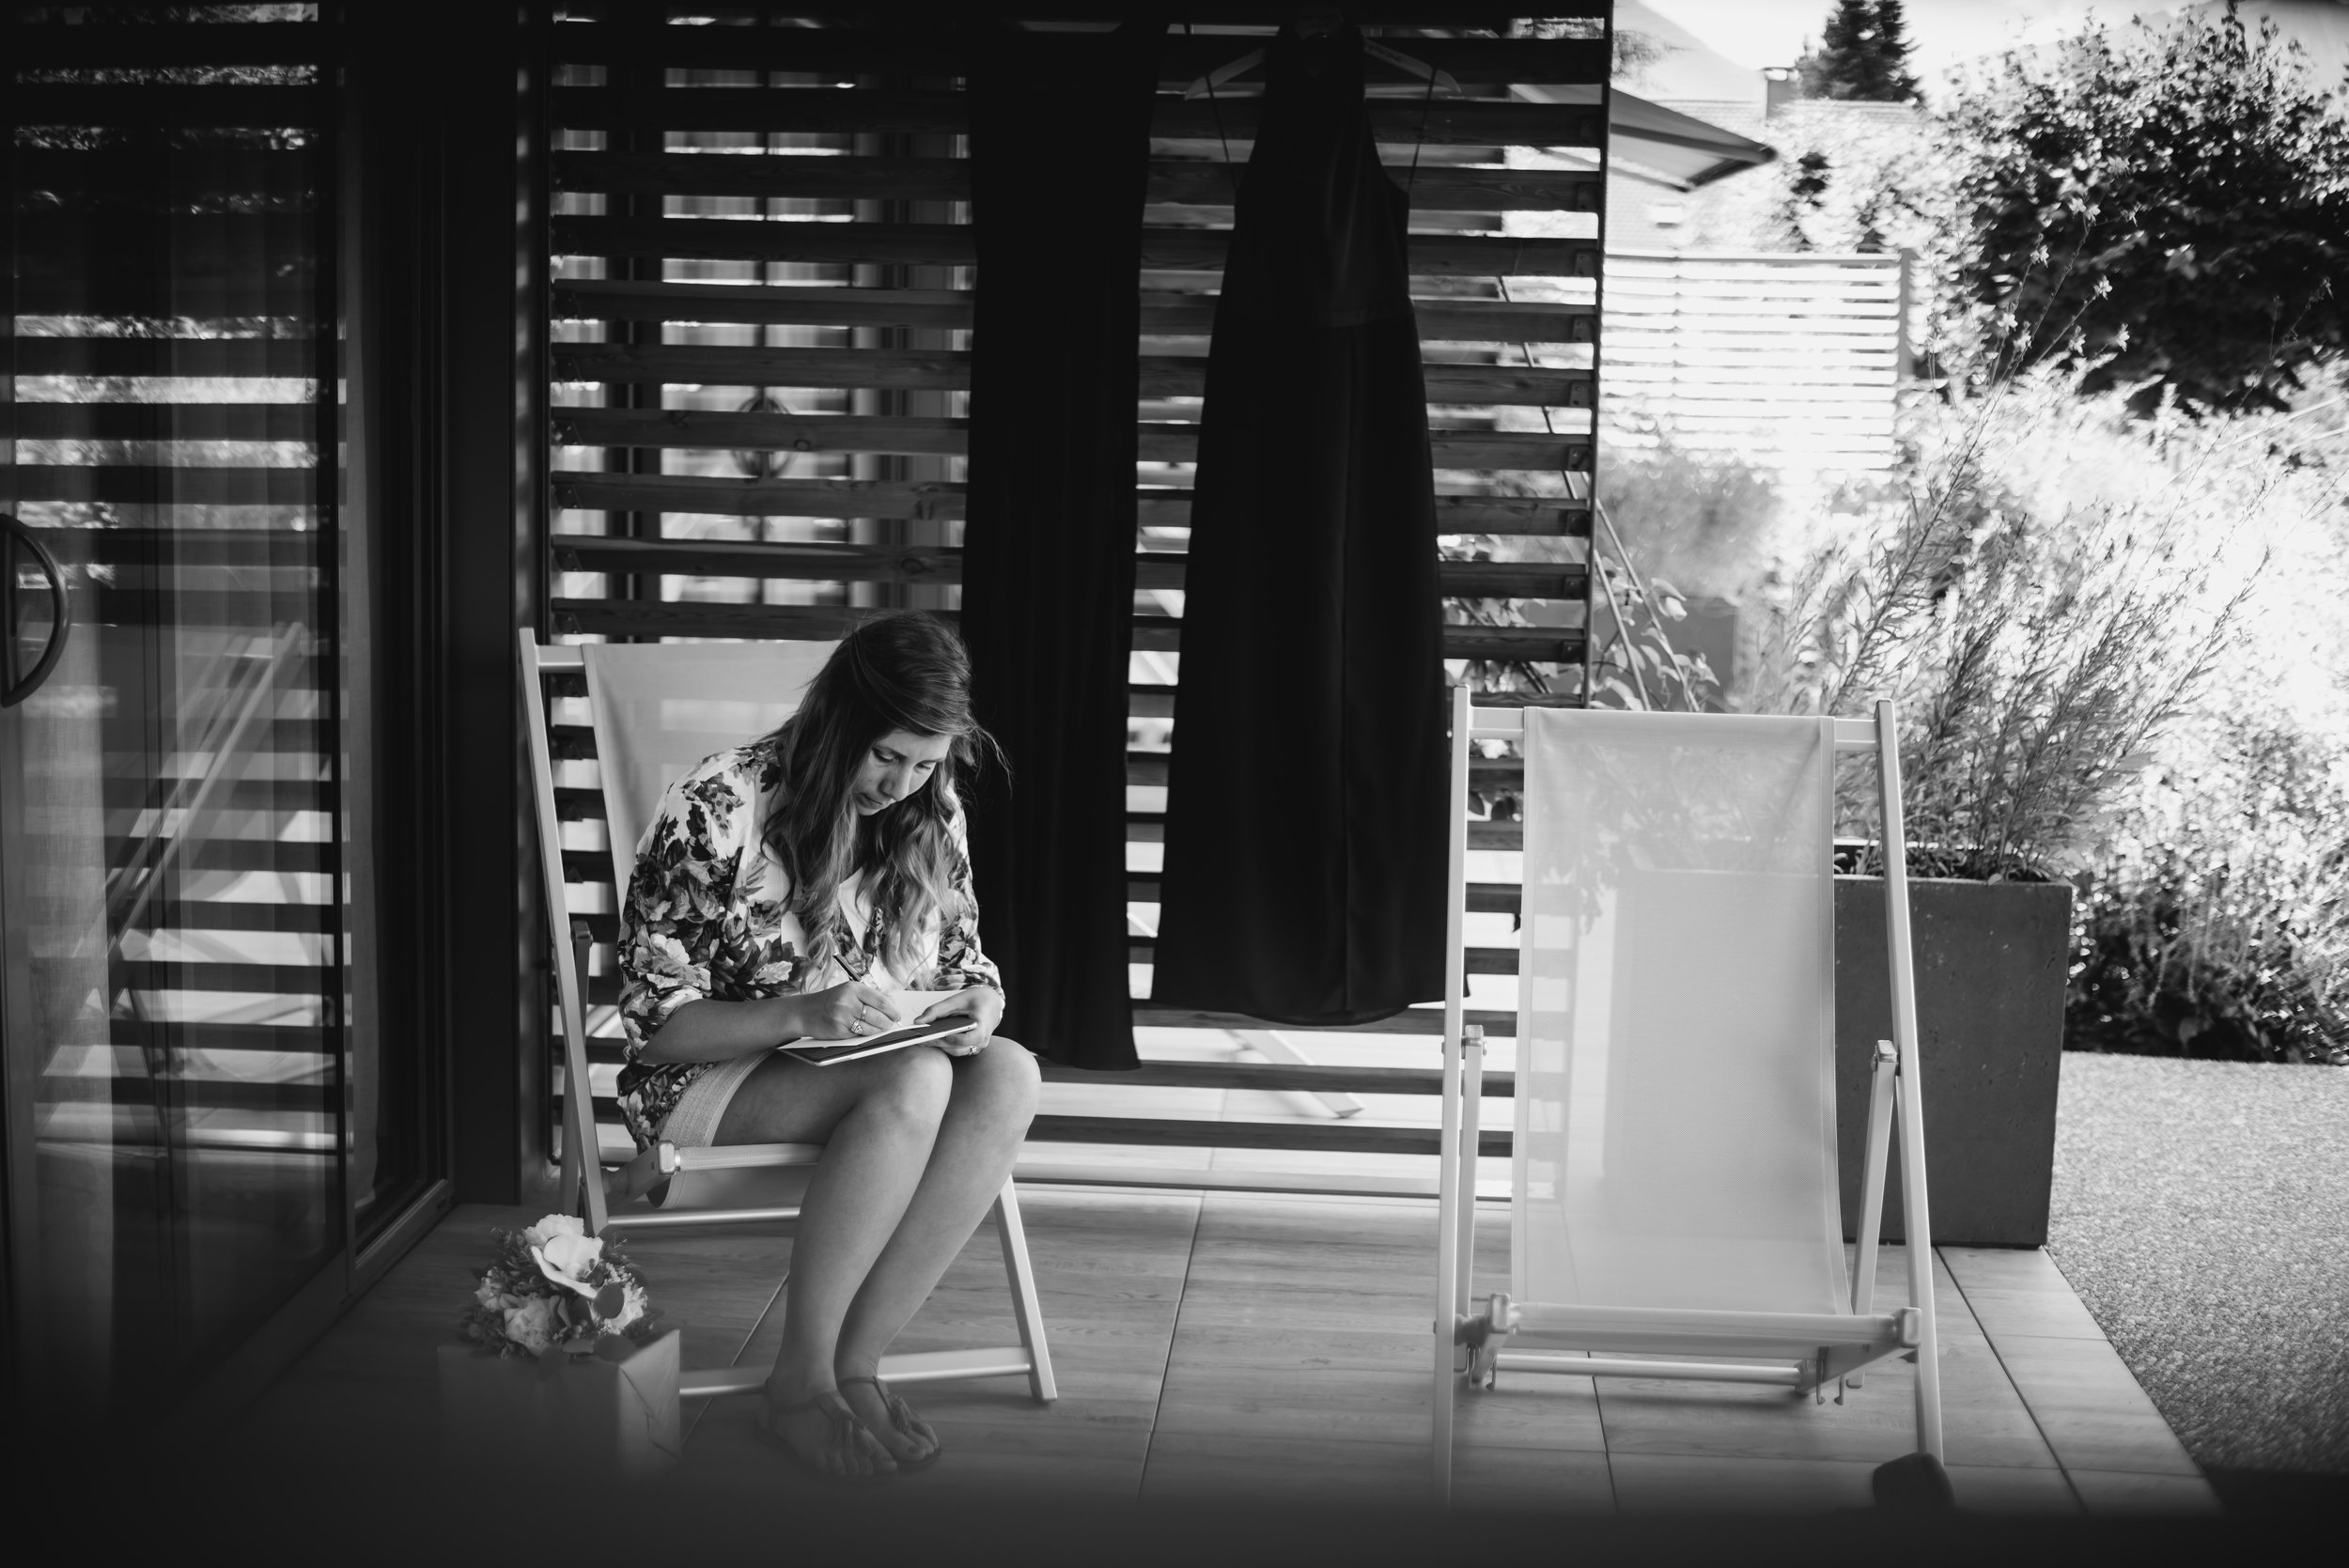 Léa-Fery-photographe-professionnel-lyon-rhone-alpes-portrait-creation-mariage-evenement-evenementiel-famille-9542.jpg